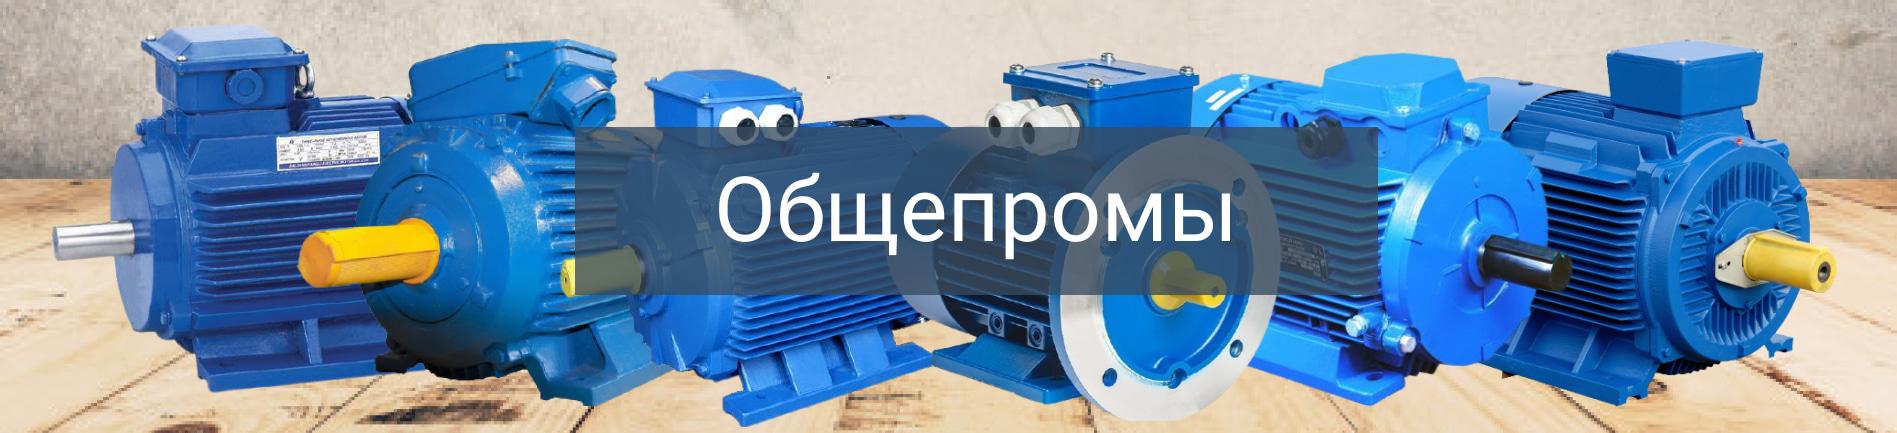 Общепромышленные электродвигатели 22 квт